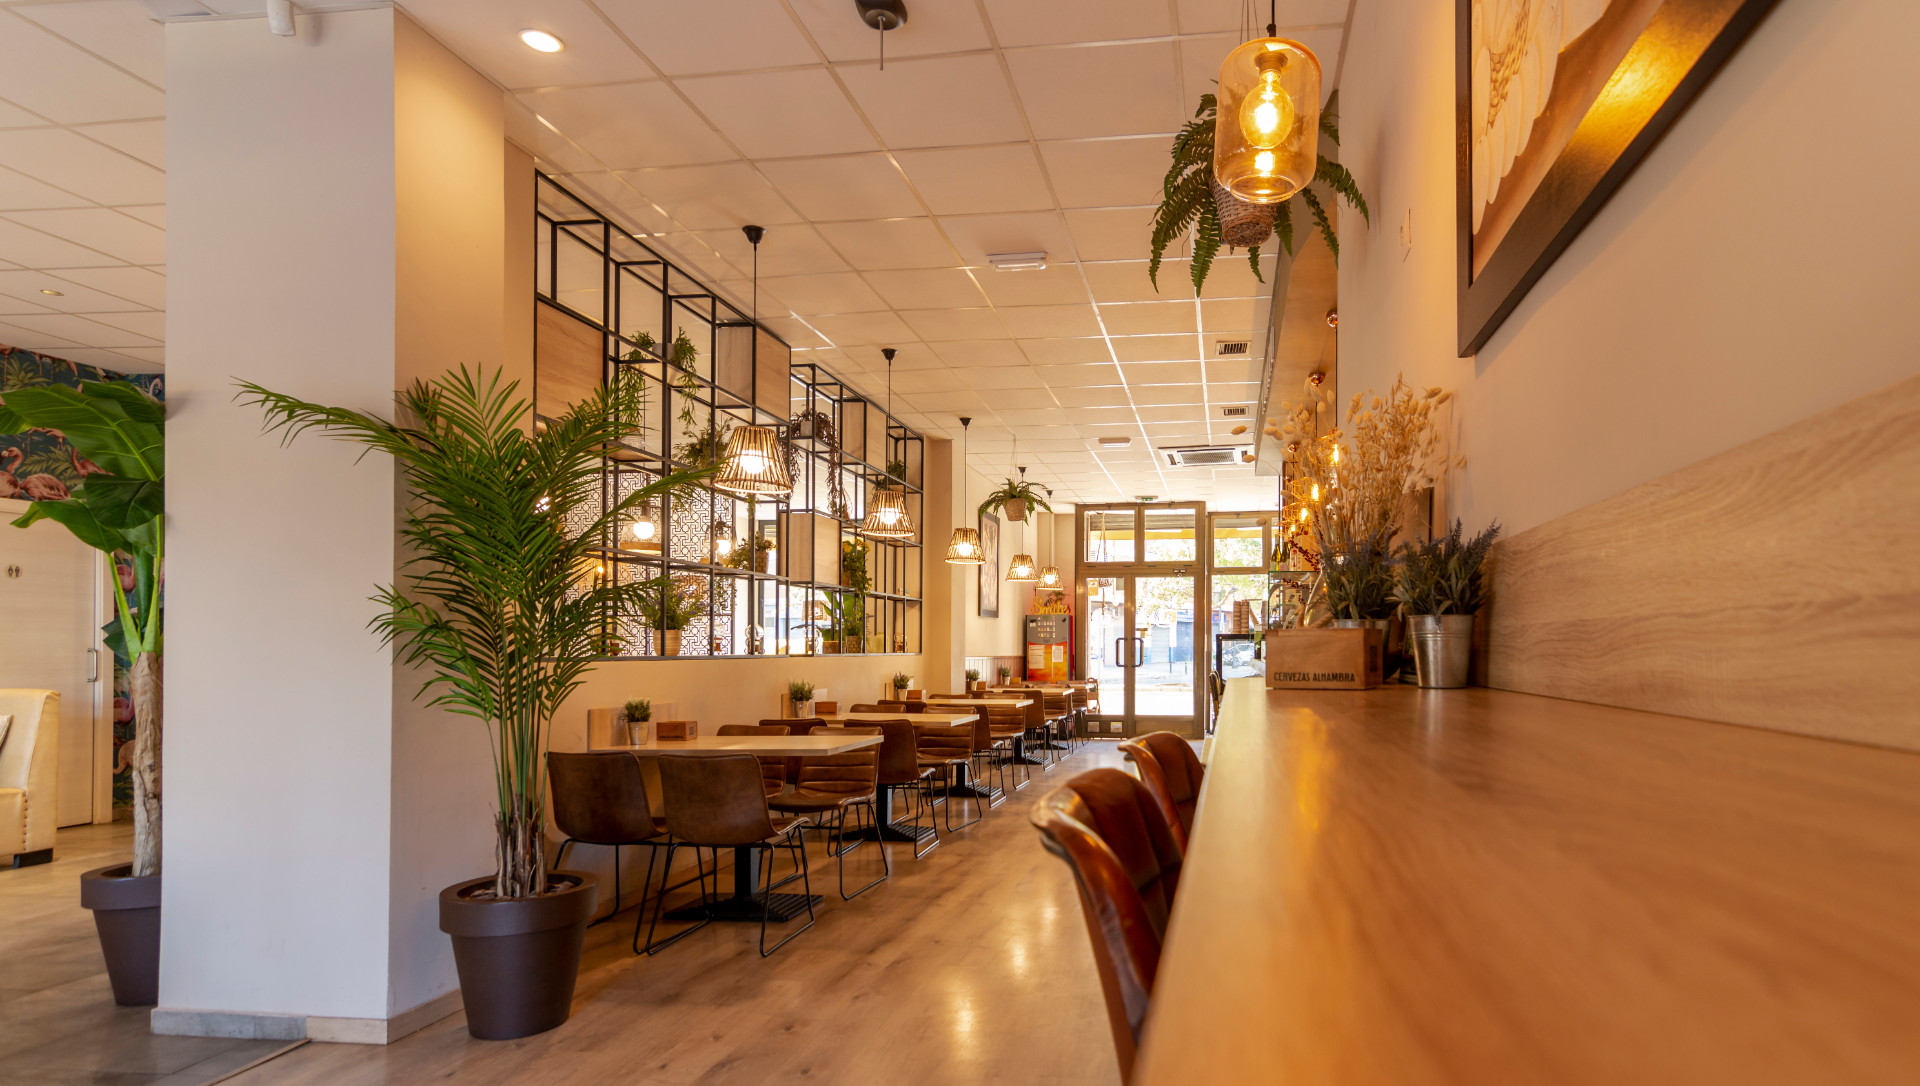 proyectos-interiorismo-interioristas-comercios-empresas-reformas-locales-comerciales-cafeterias-cafe-kumaru-11